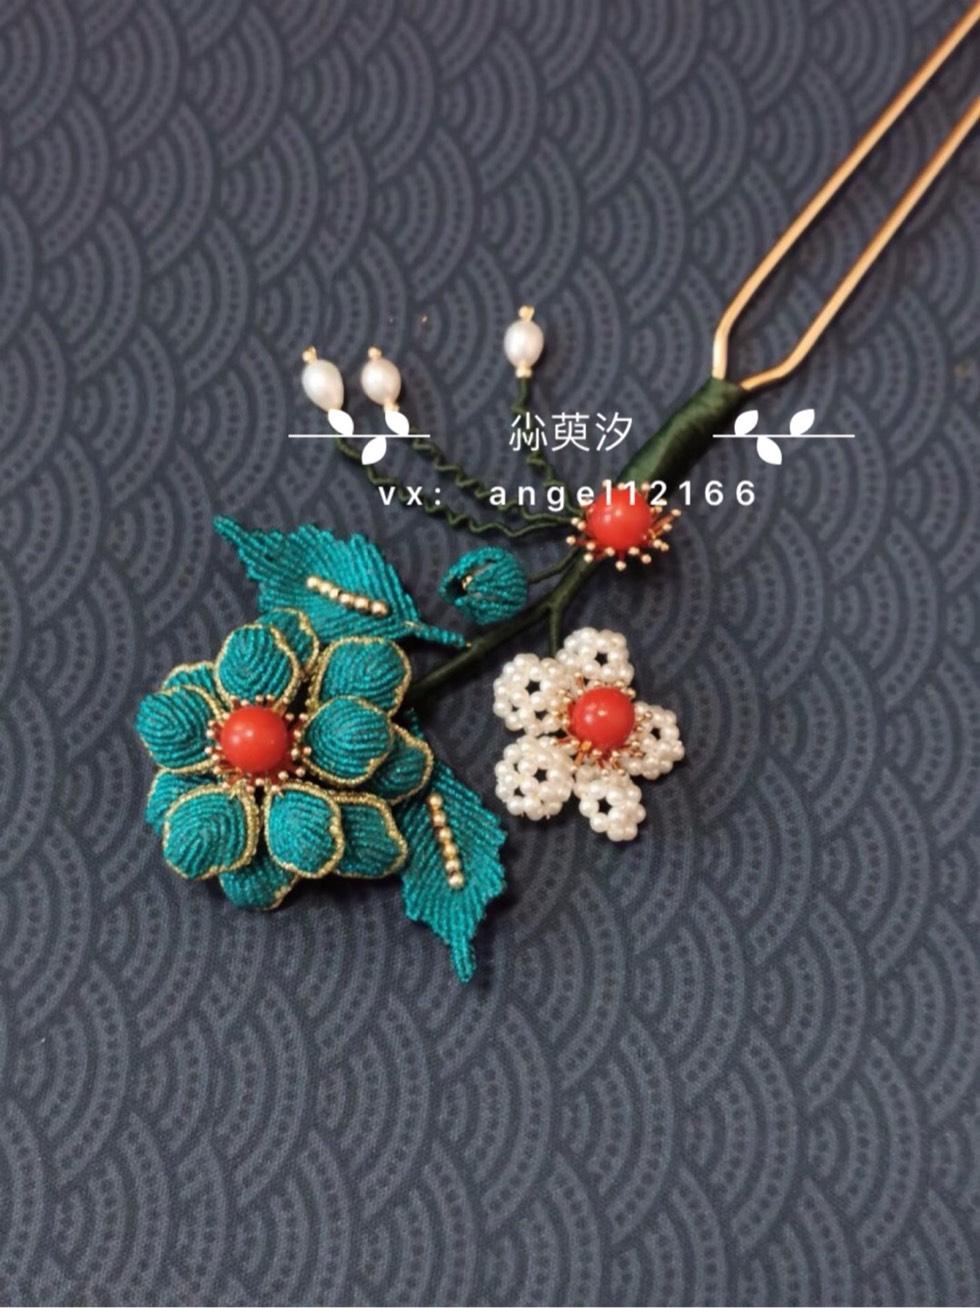 中国结论坛 仿点翠花簪系列 系列,翠花,点翠 作品展示 163823dpb7f2k9ceviwbcr